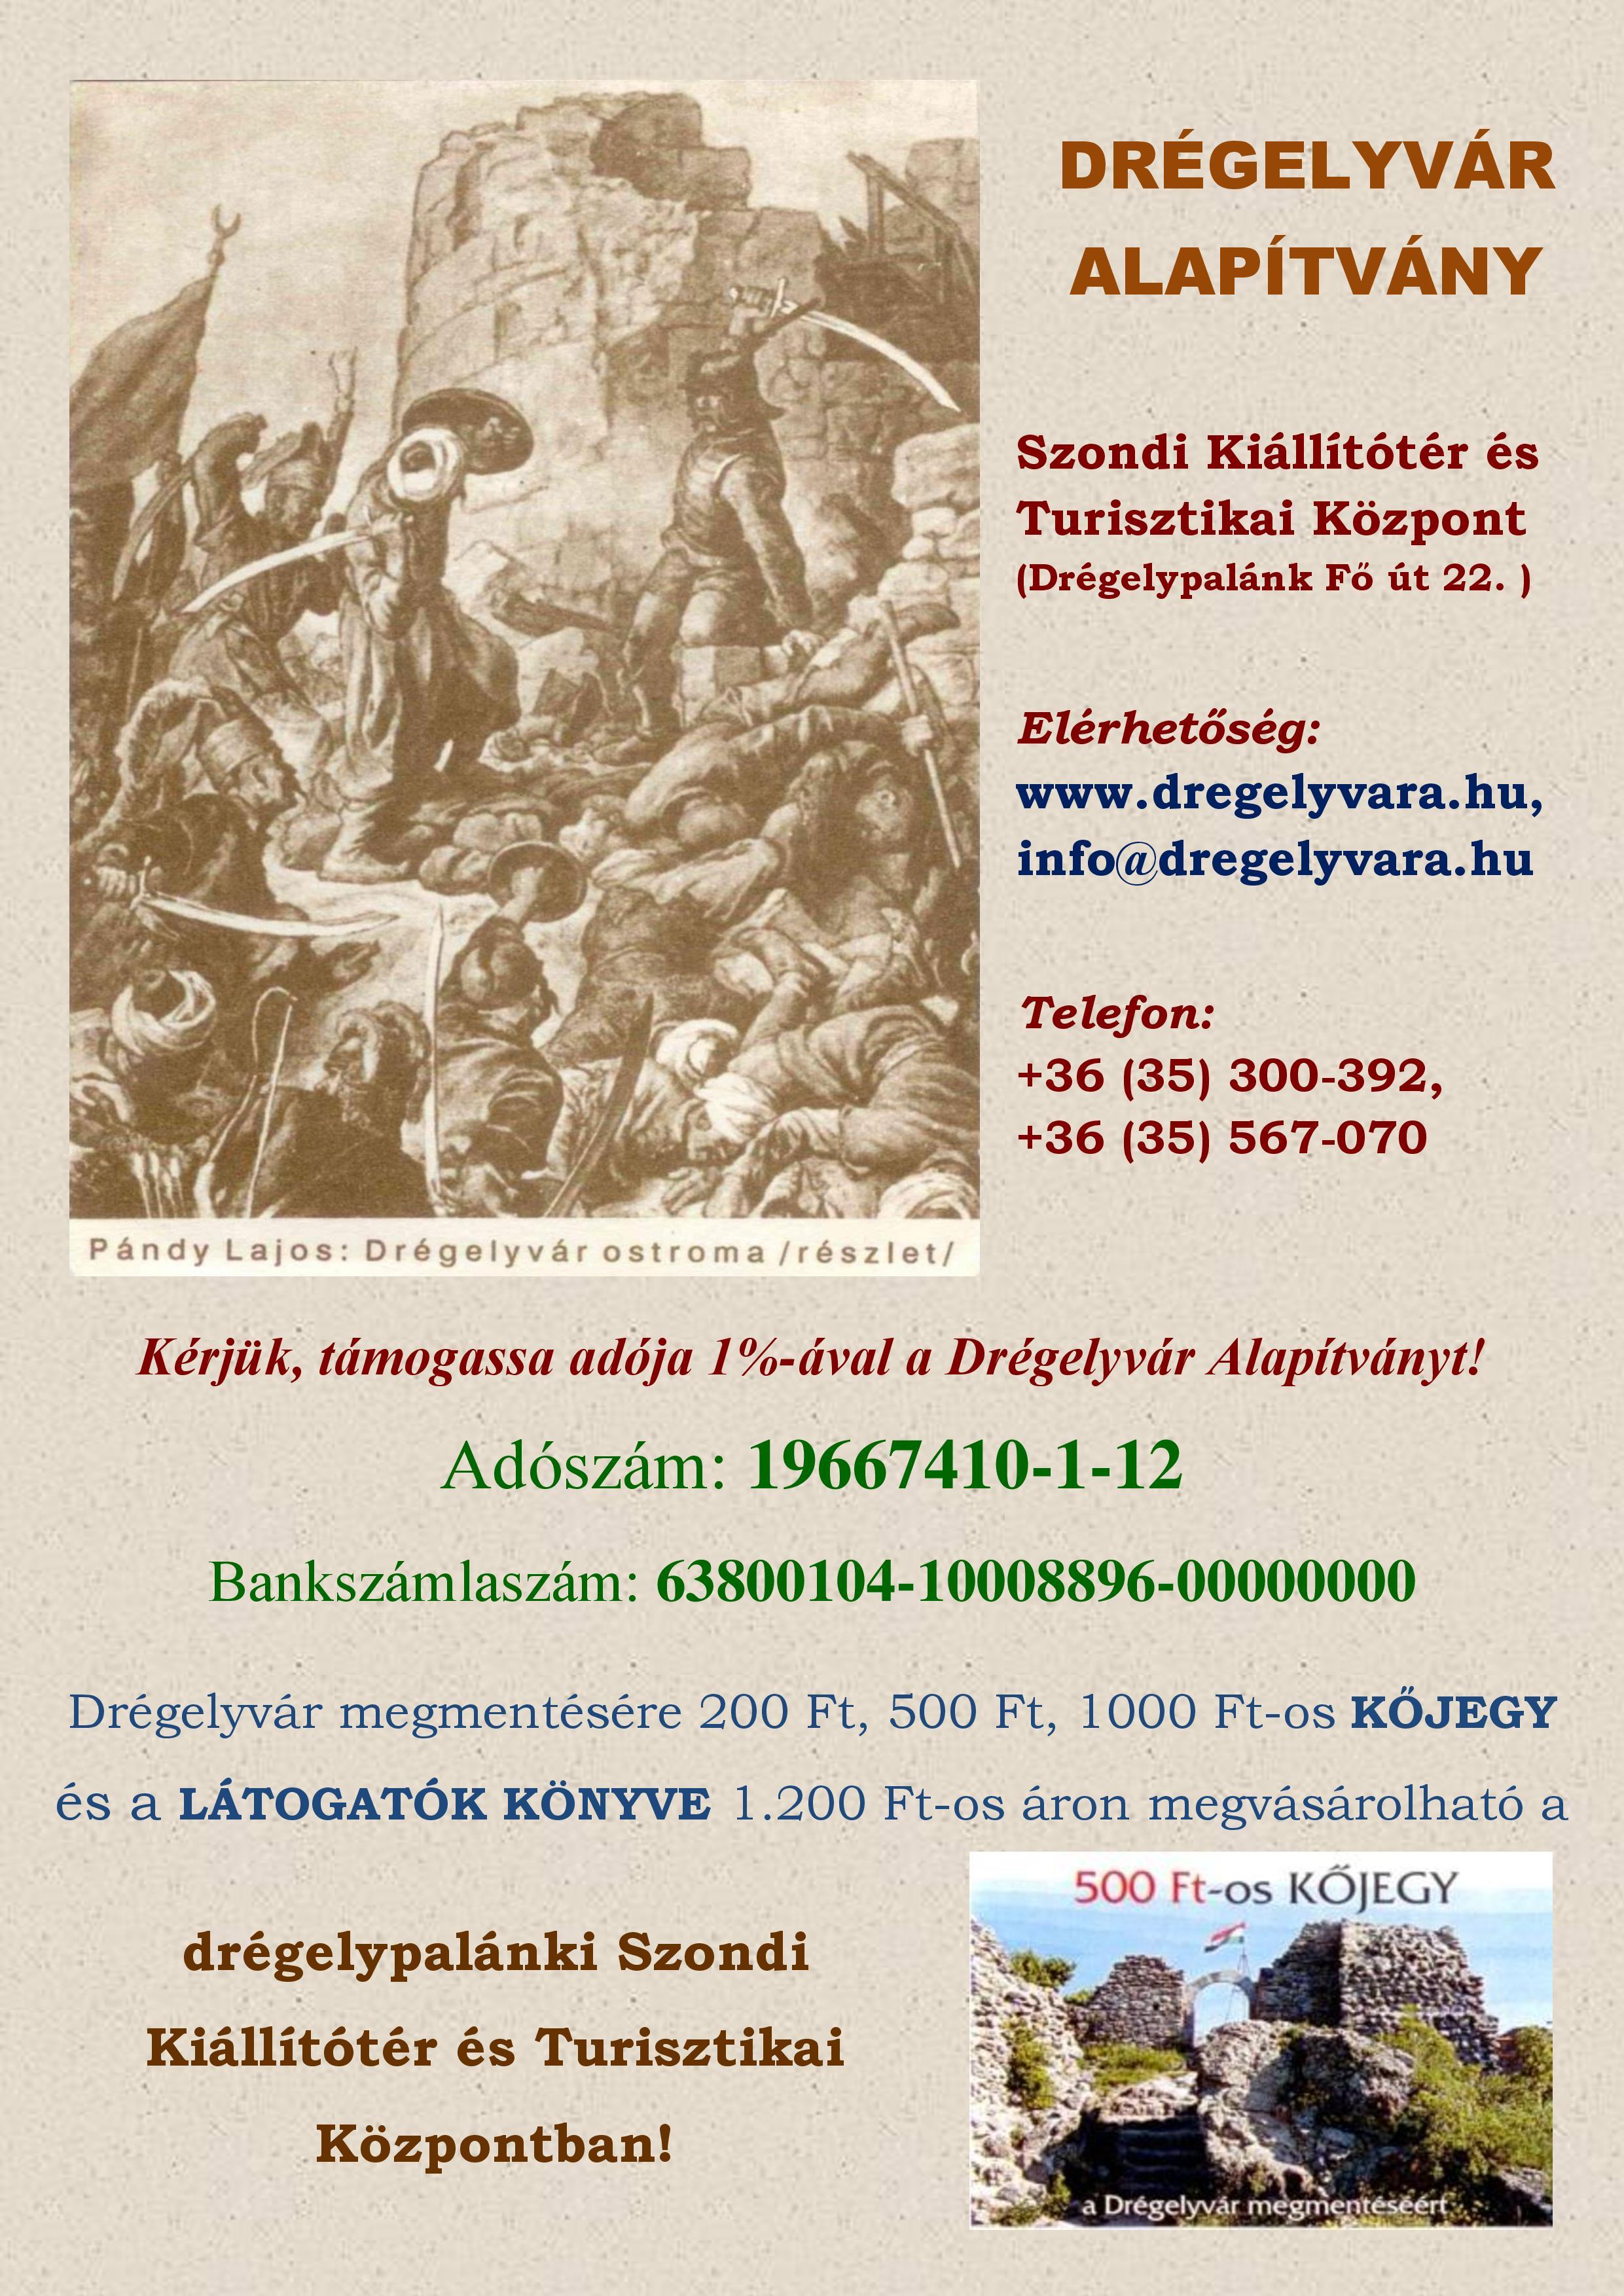 drégelyvár-1-felajánlás-page-0011